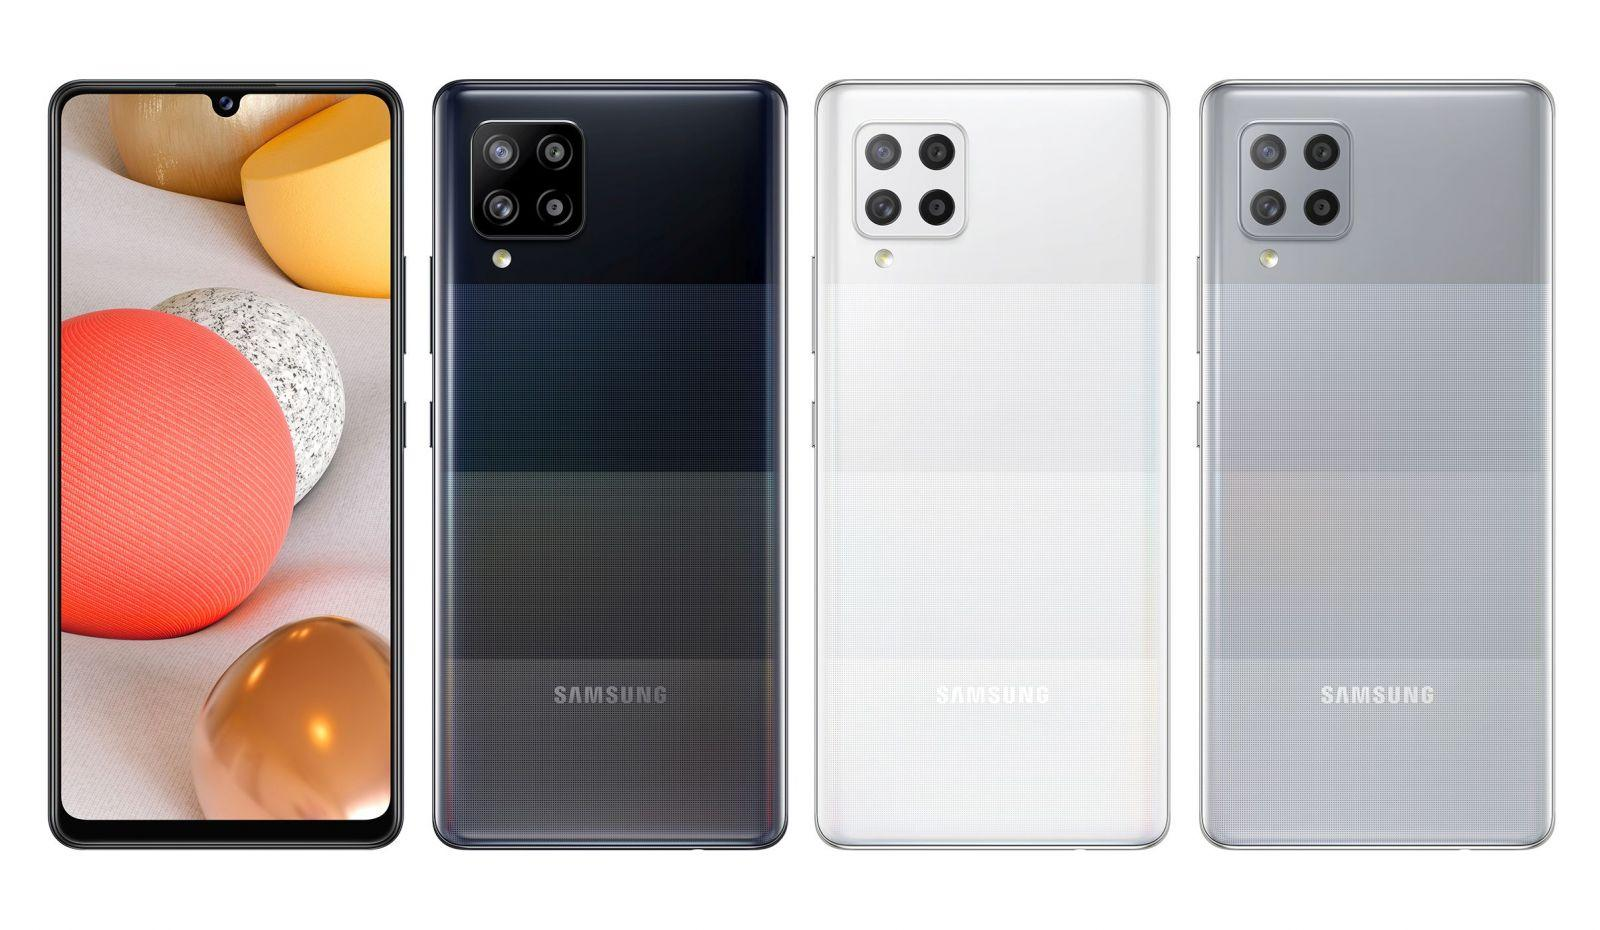 Вот как будет выглядеть самый дешёвый 5G-смартфон Samsung A42 (Samsung Galaxy A42 5G color variants)